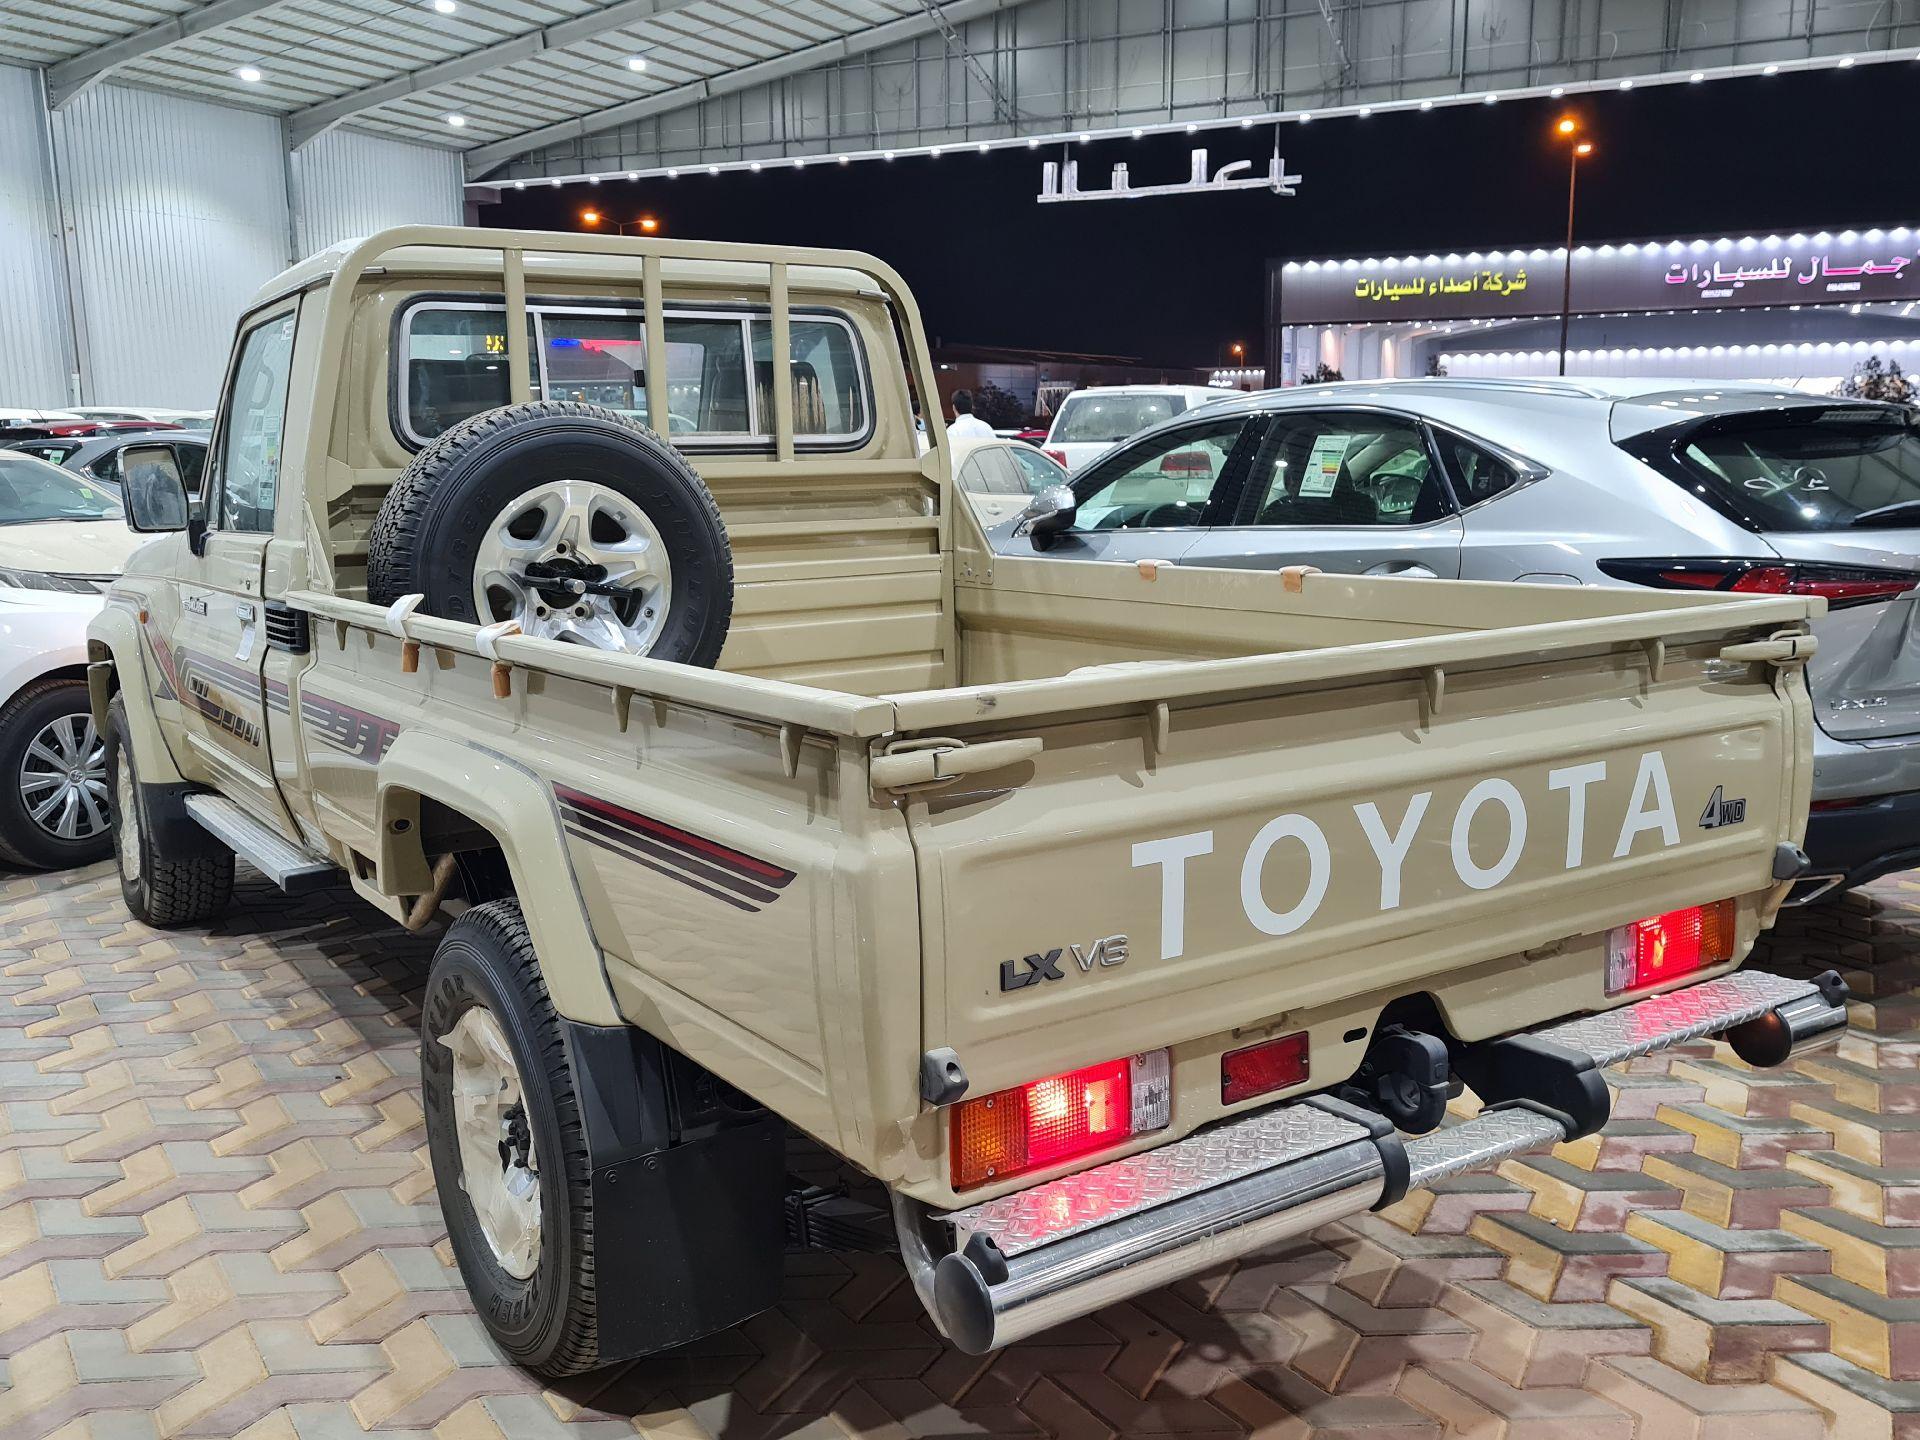 تويوتا شاص LX  دبل 2020 غمارة عماني جديد للبيع في الرياض - السعودية - صورة كبيرة - 3